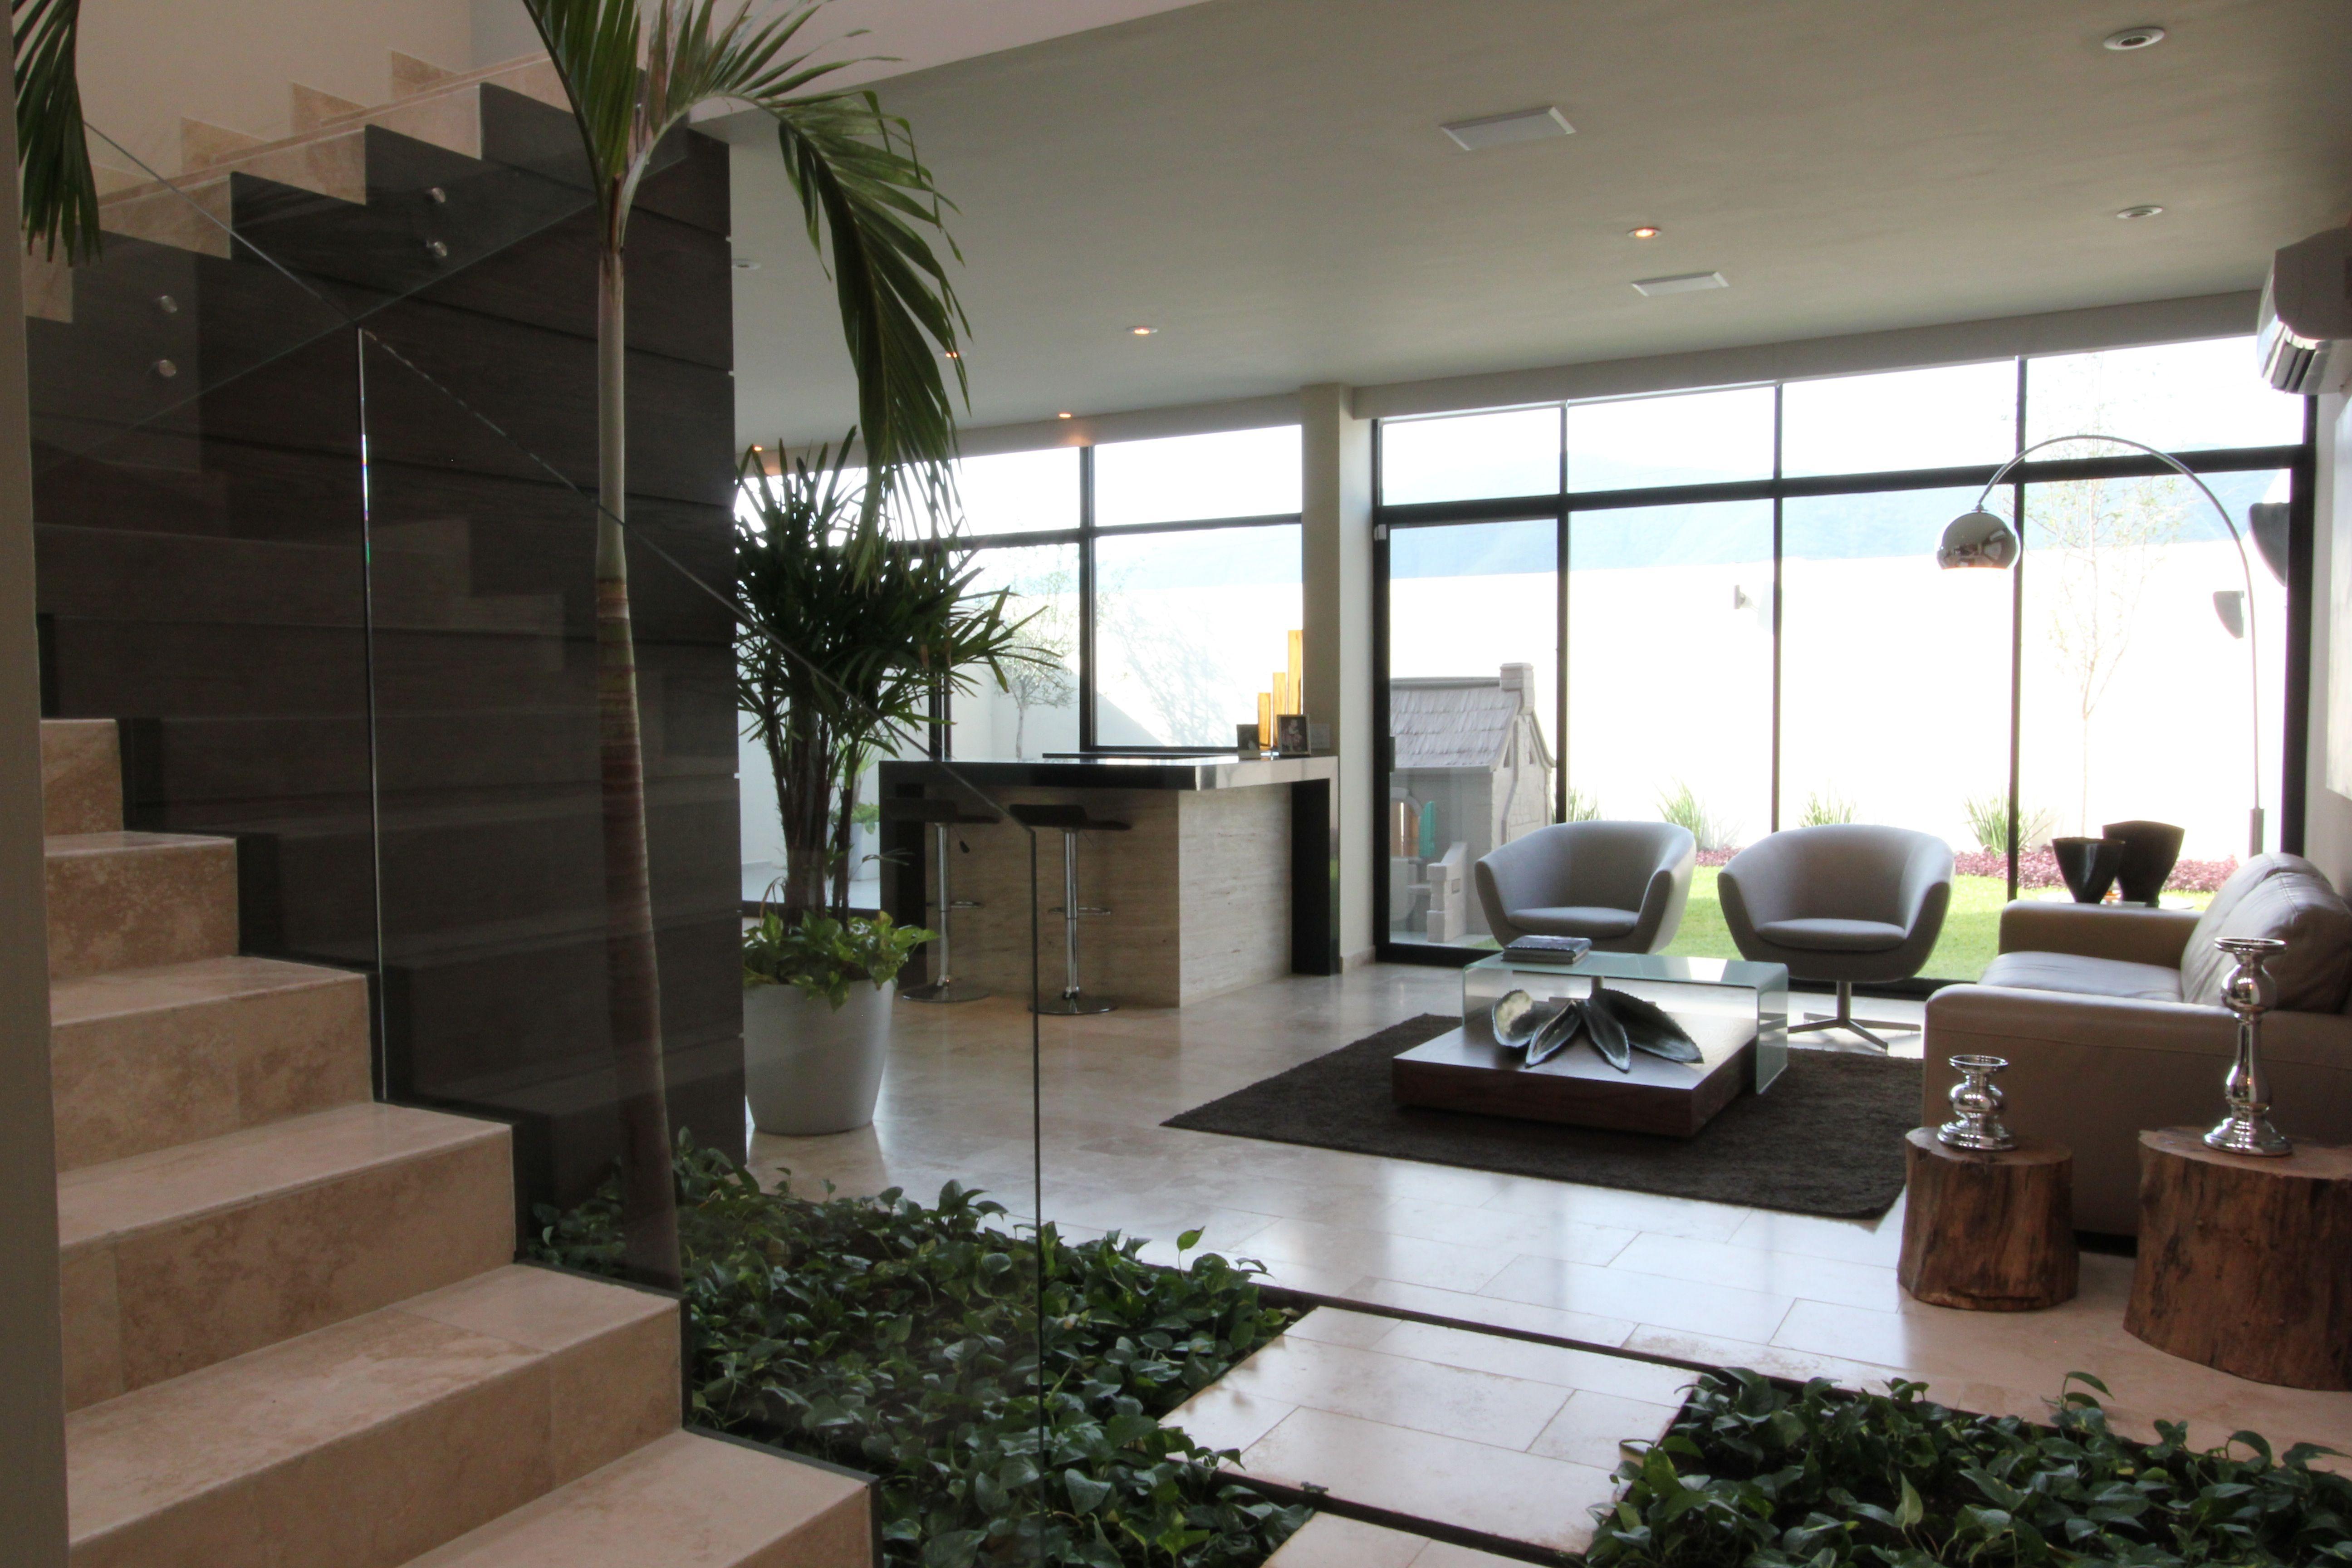 Casa con jardin artificial interior una gran idea para for Casa hogar jardin